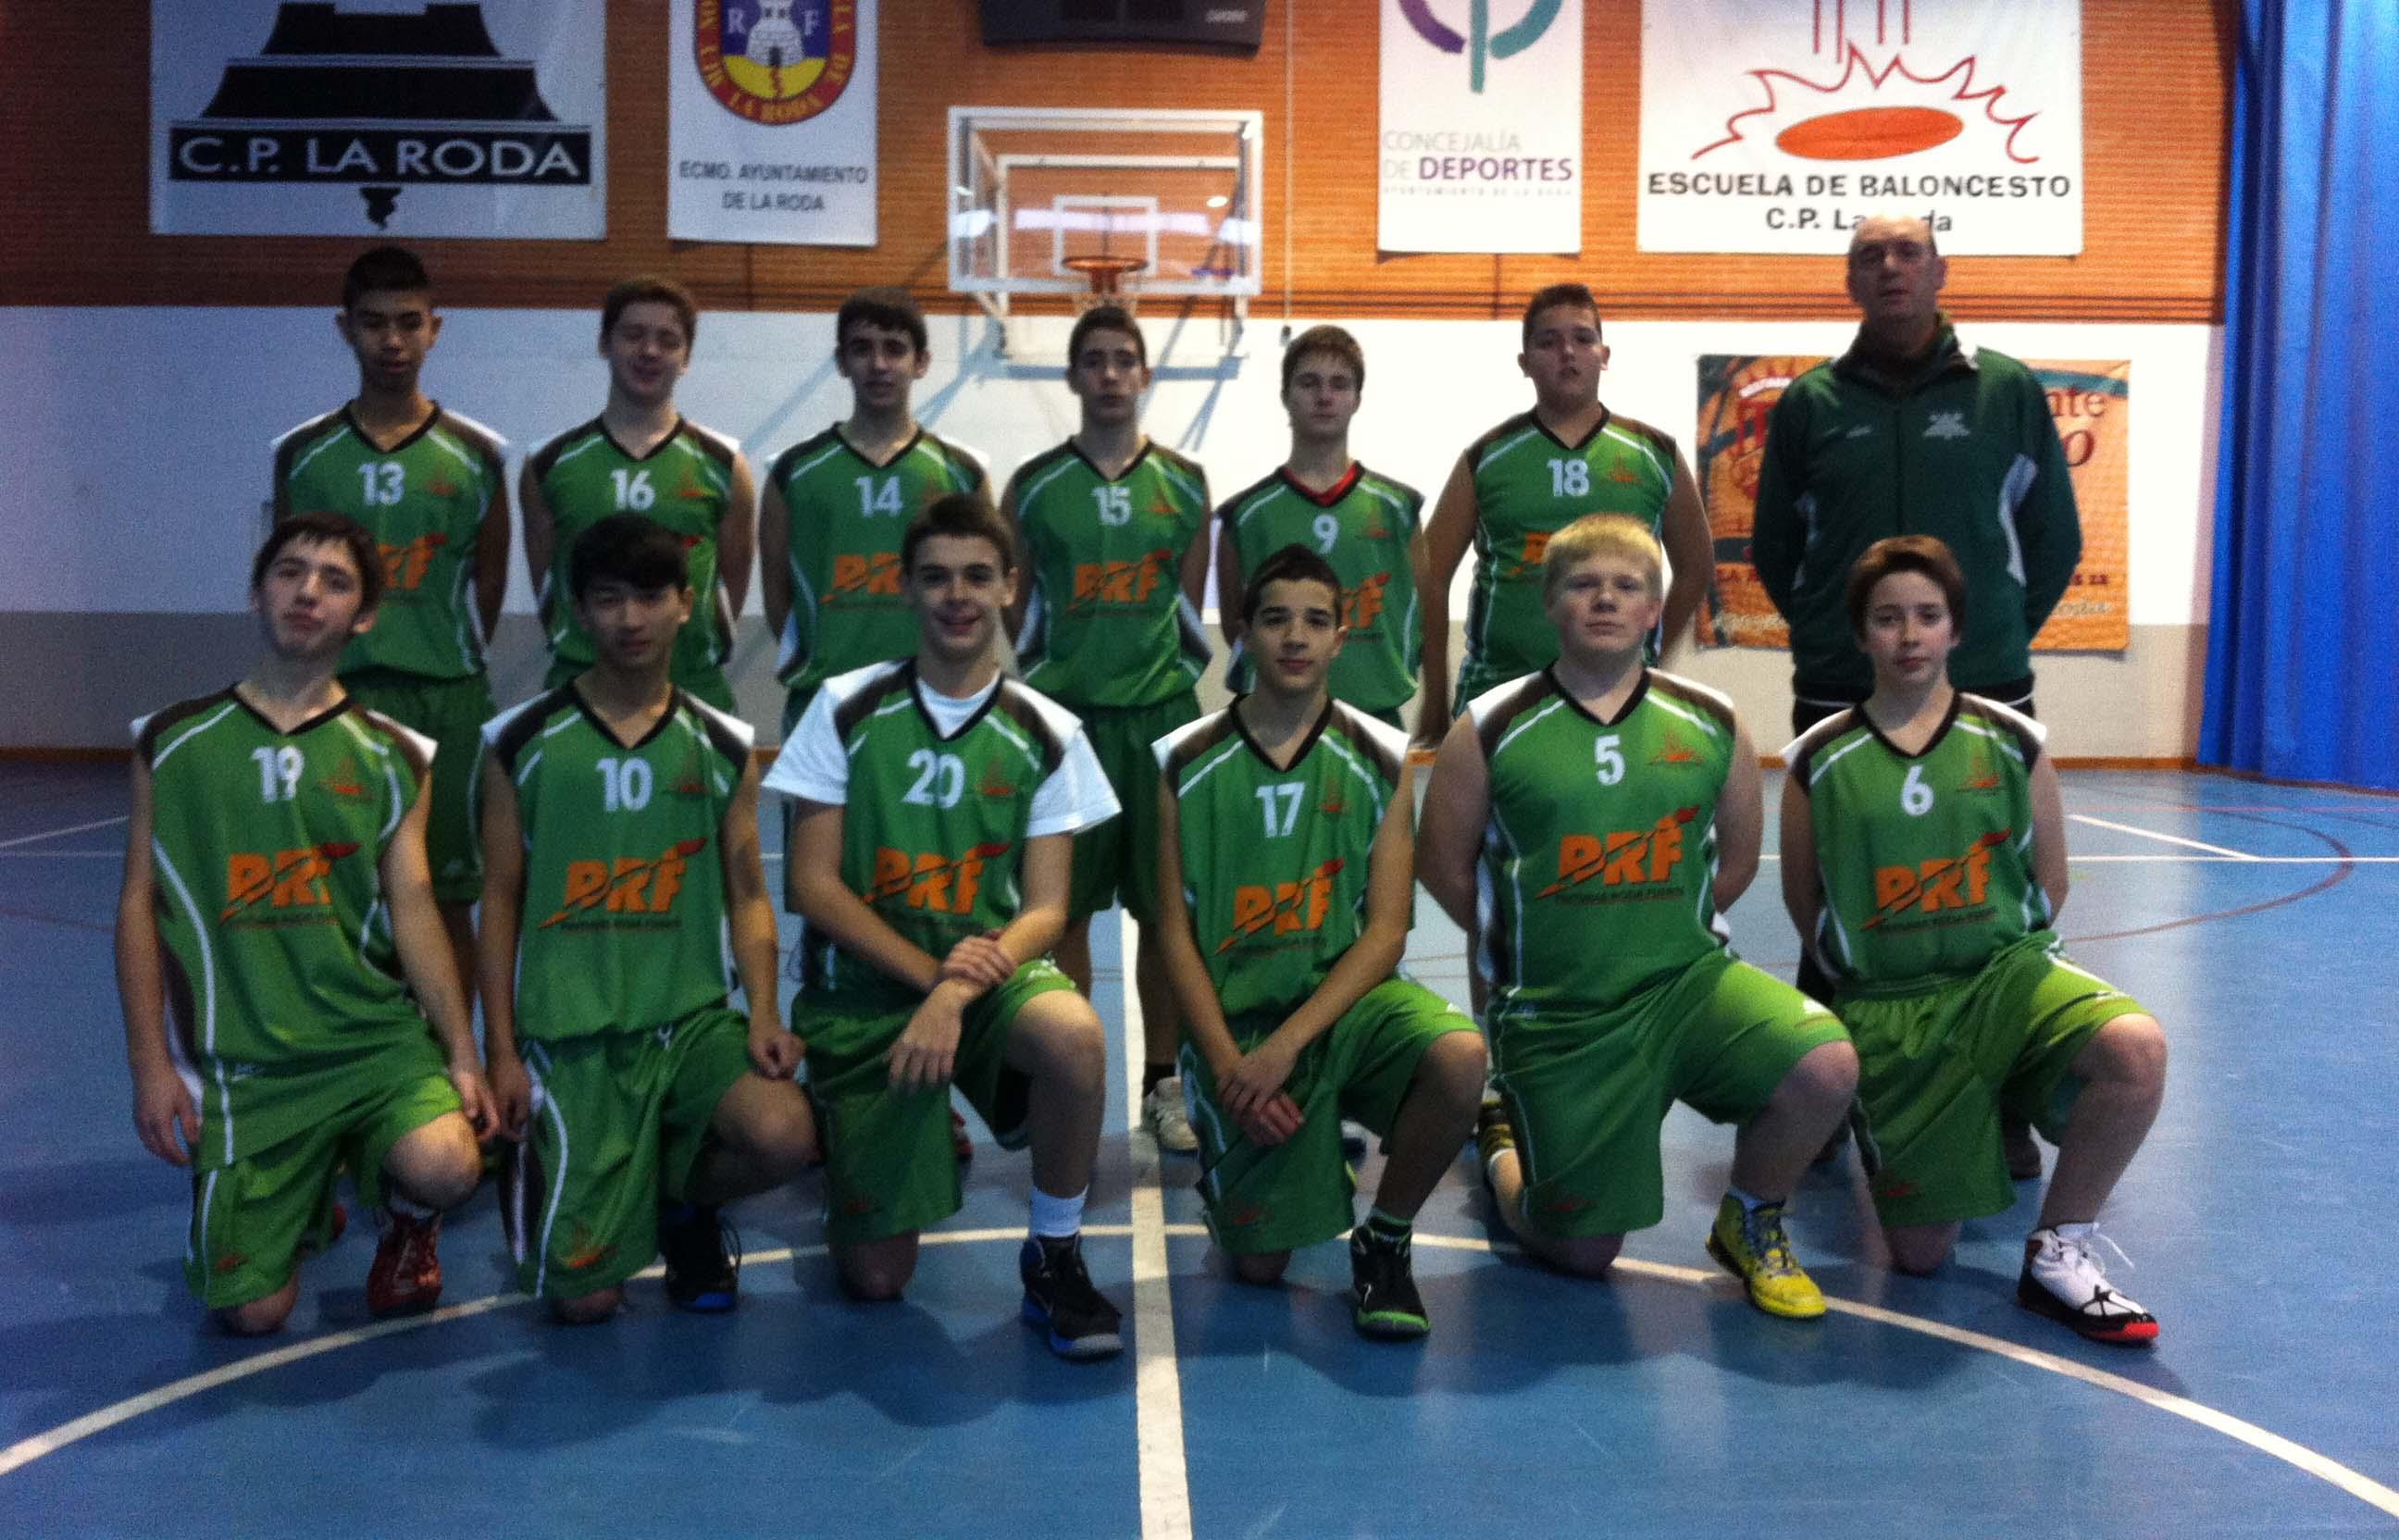 Pinturas Roda Fuerte CP La Roda (Foto: Basket La Roda)